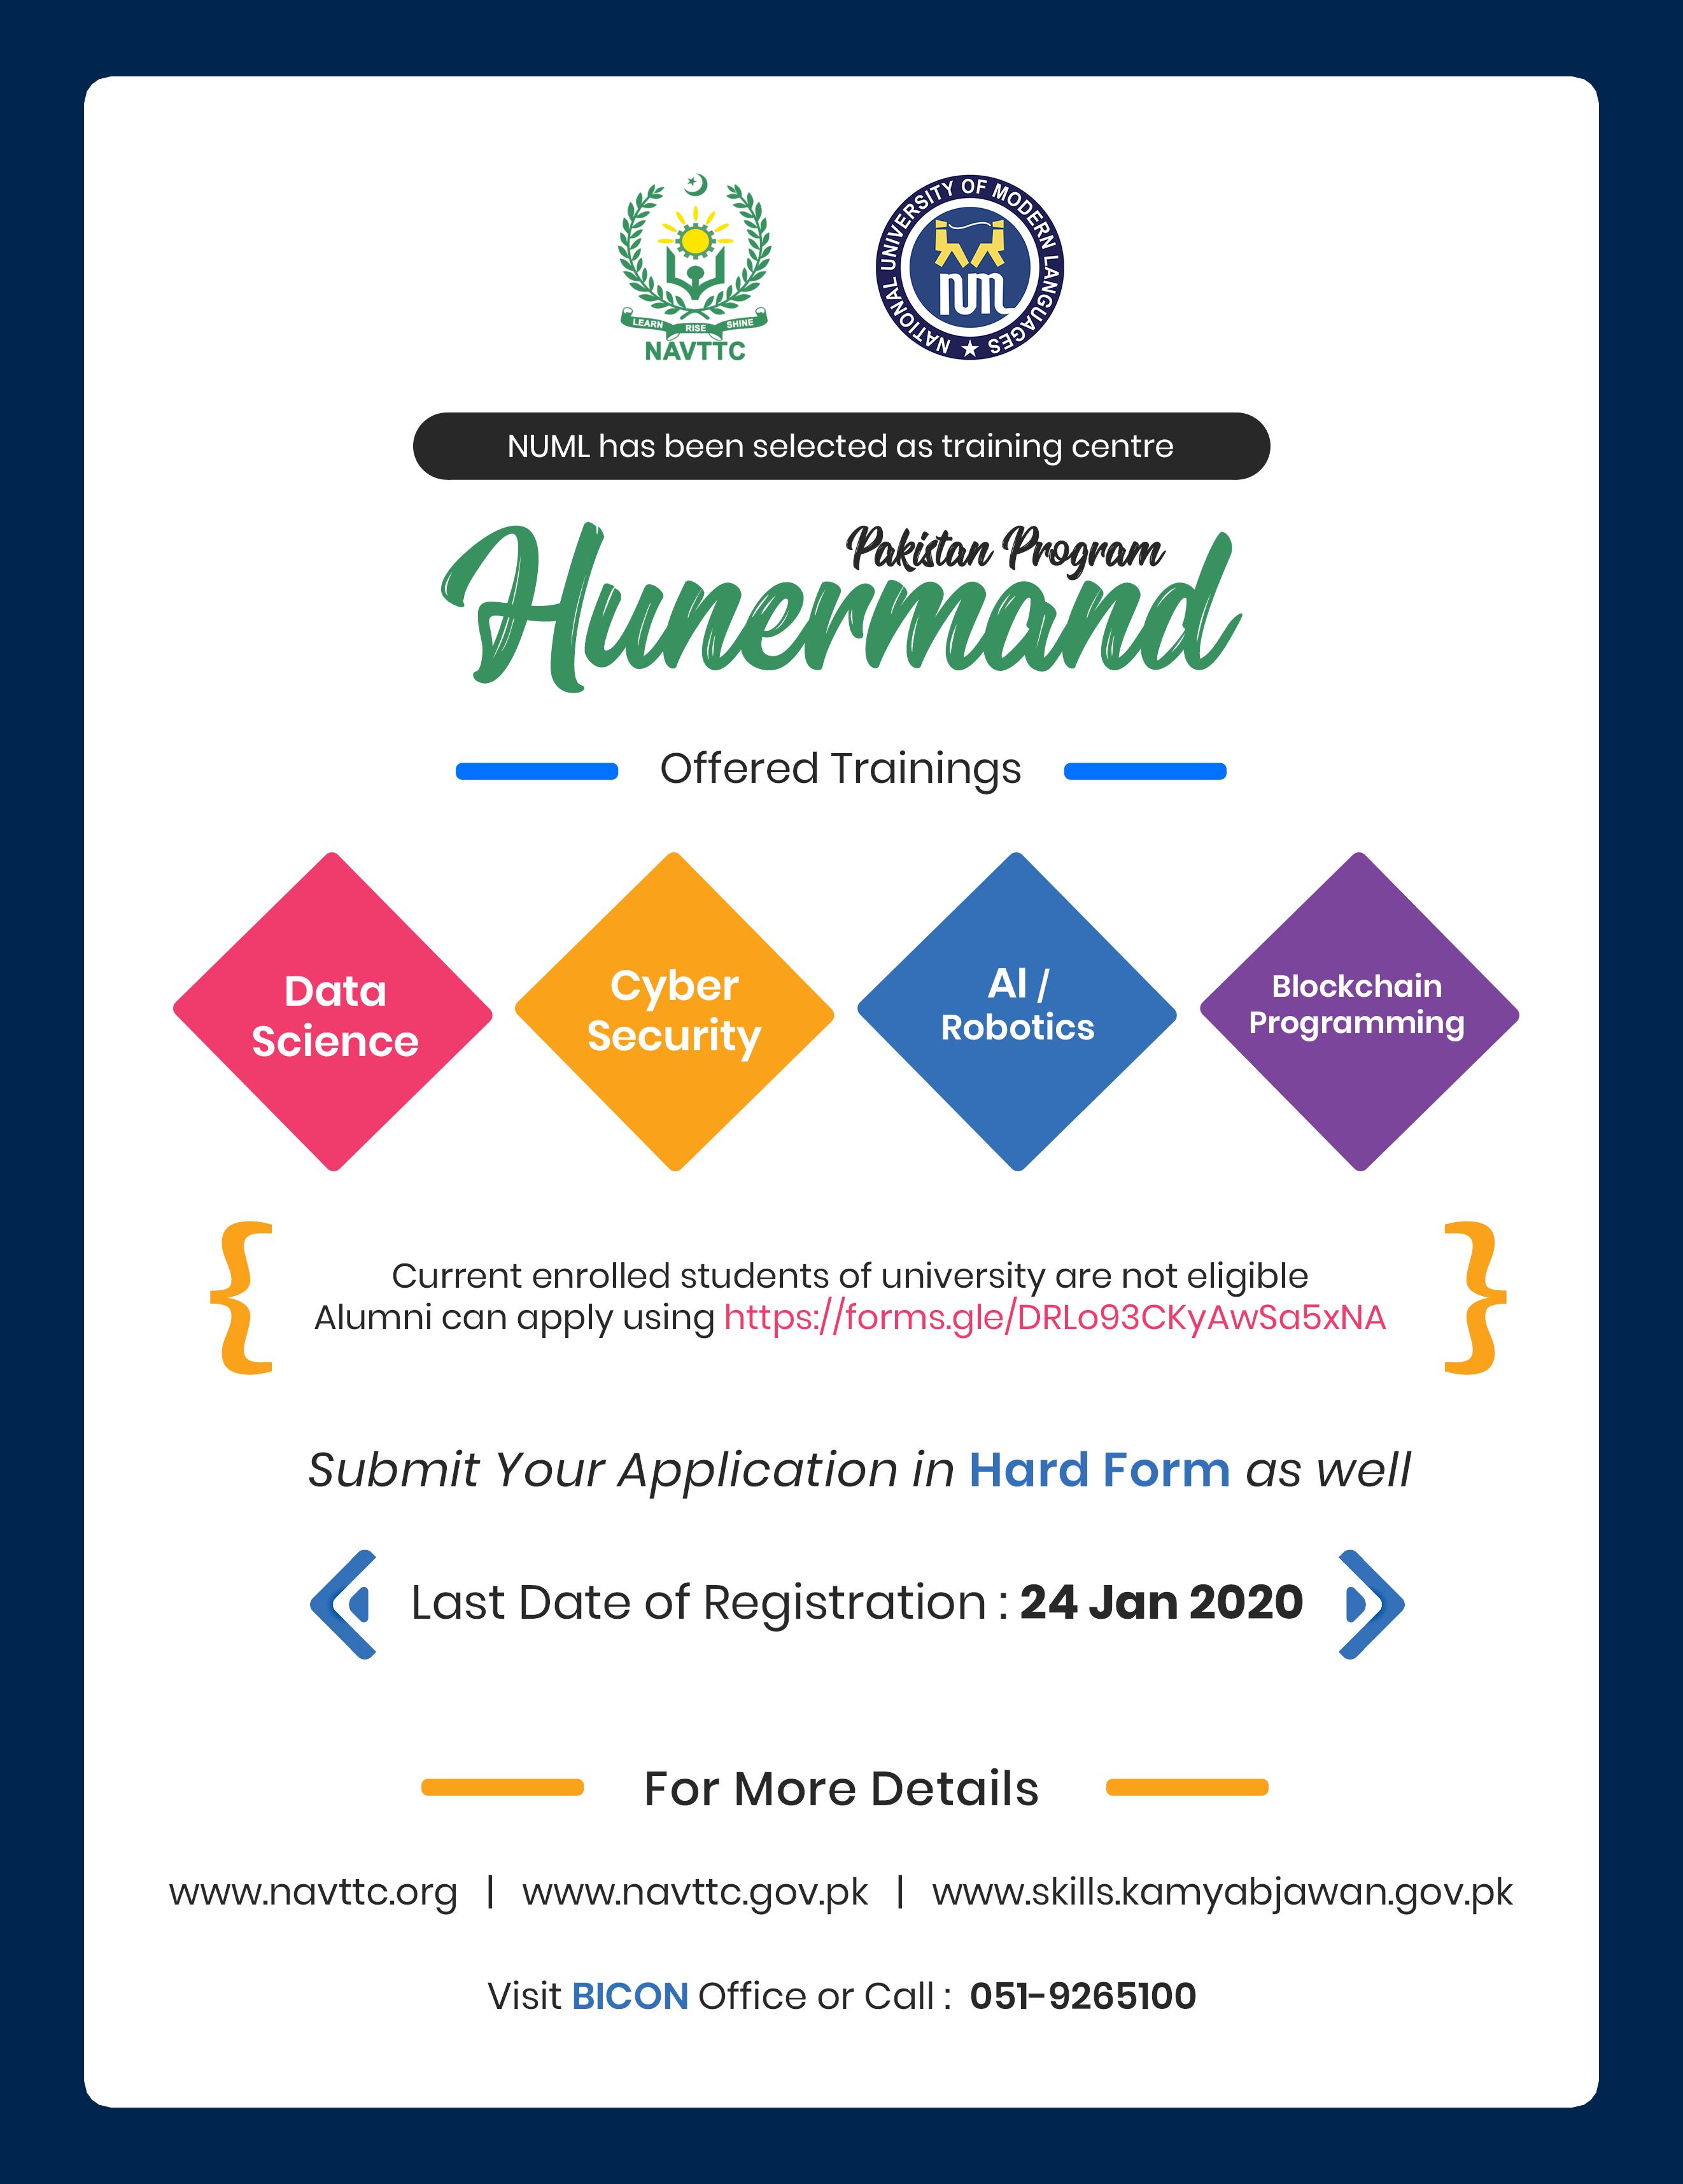 Register for 'Hunermand Pakistan' Program